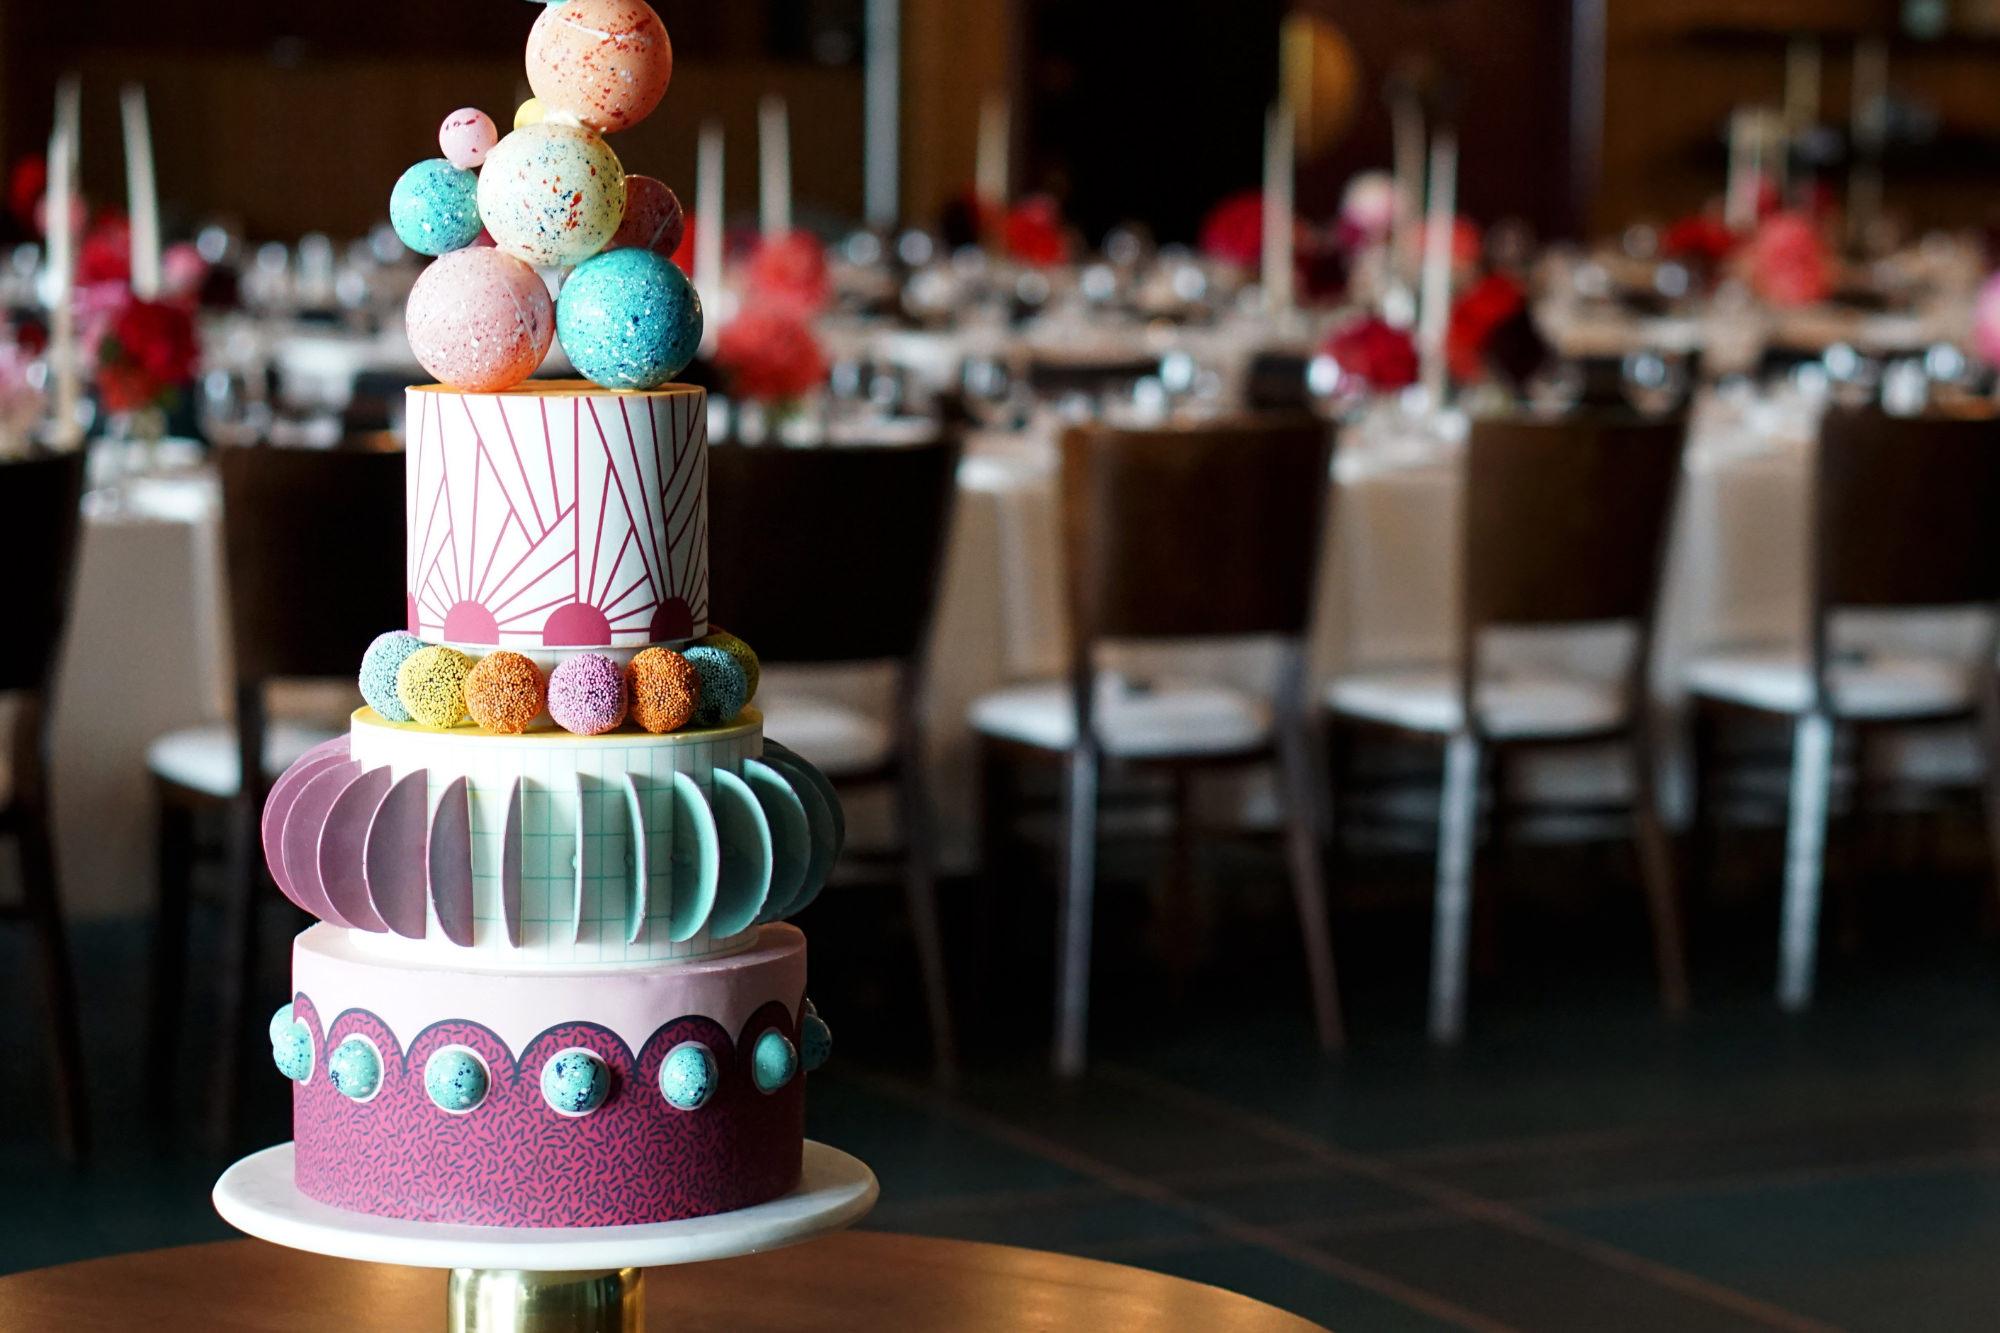 Ard Bakery - design led wedding cakes London